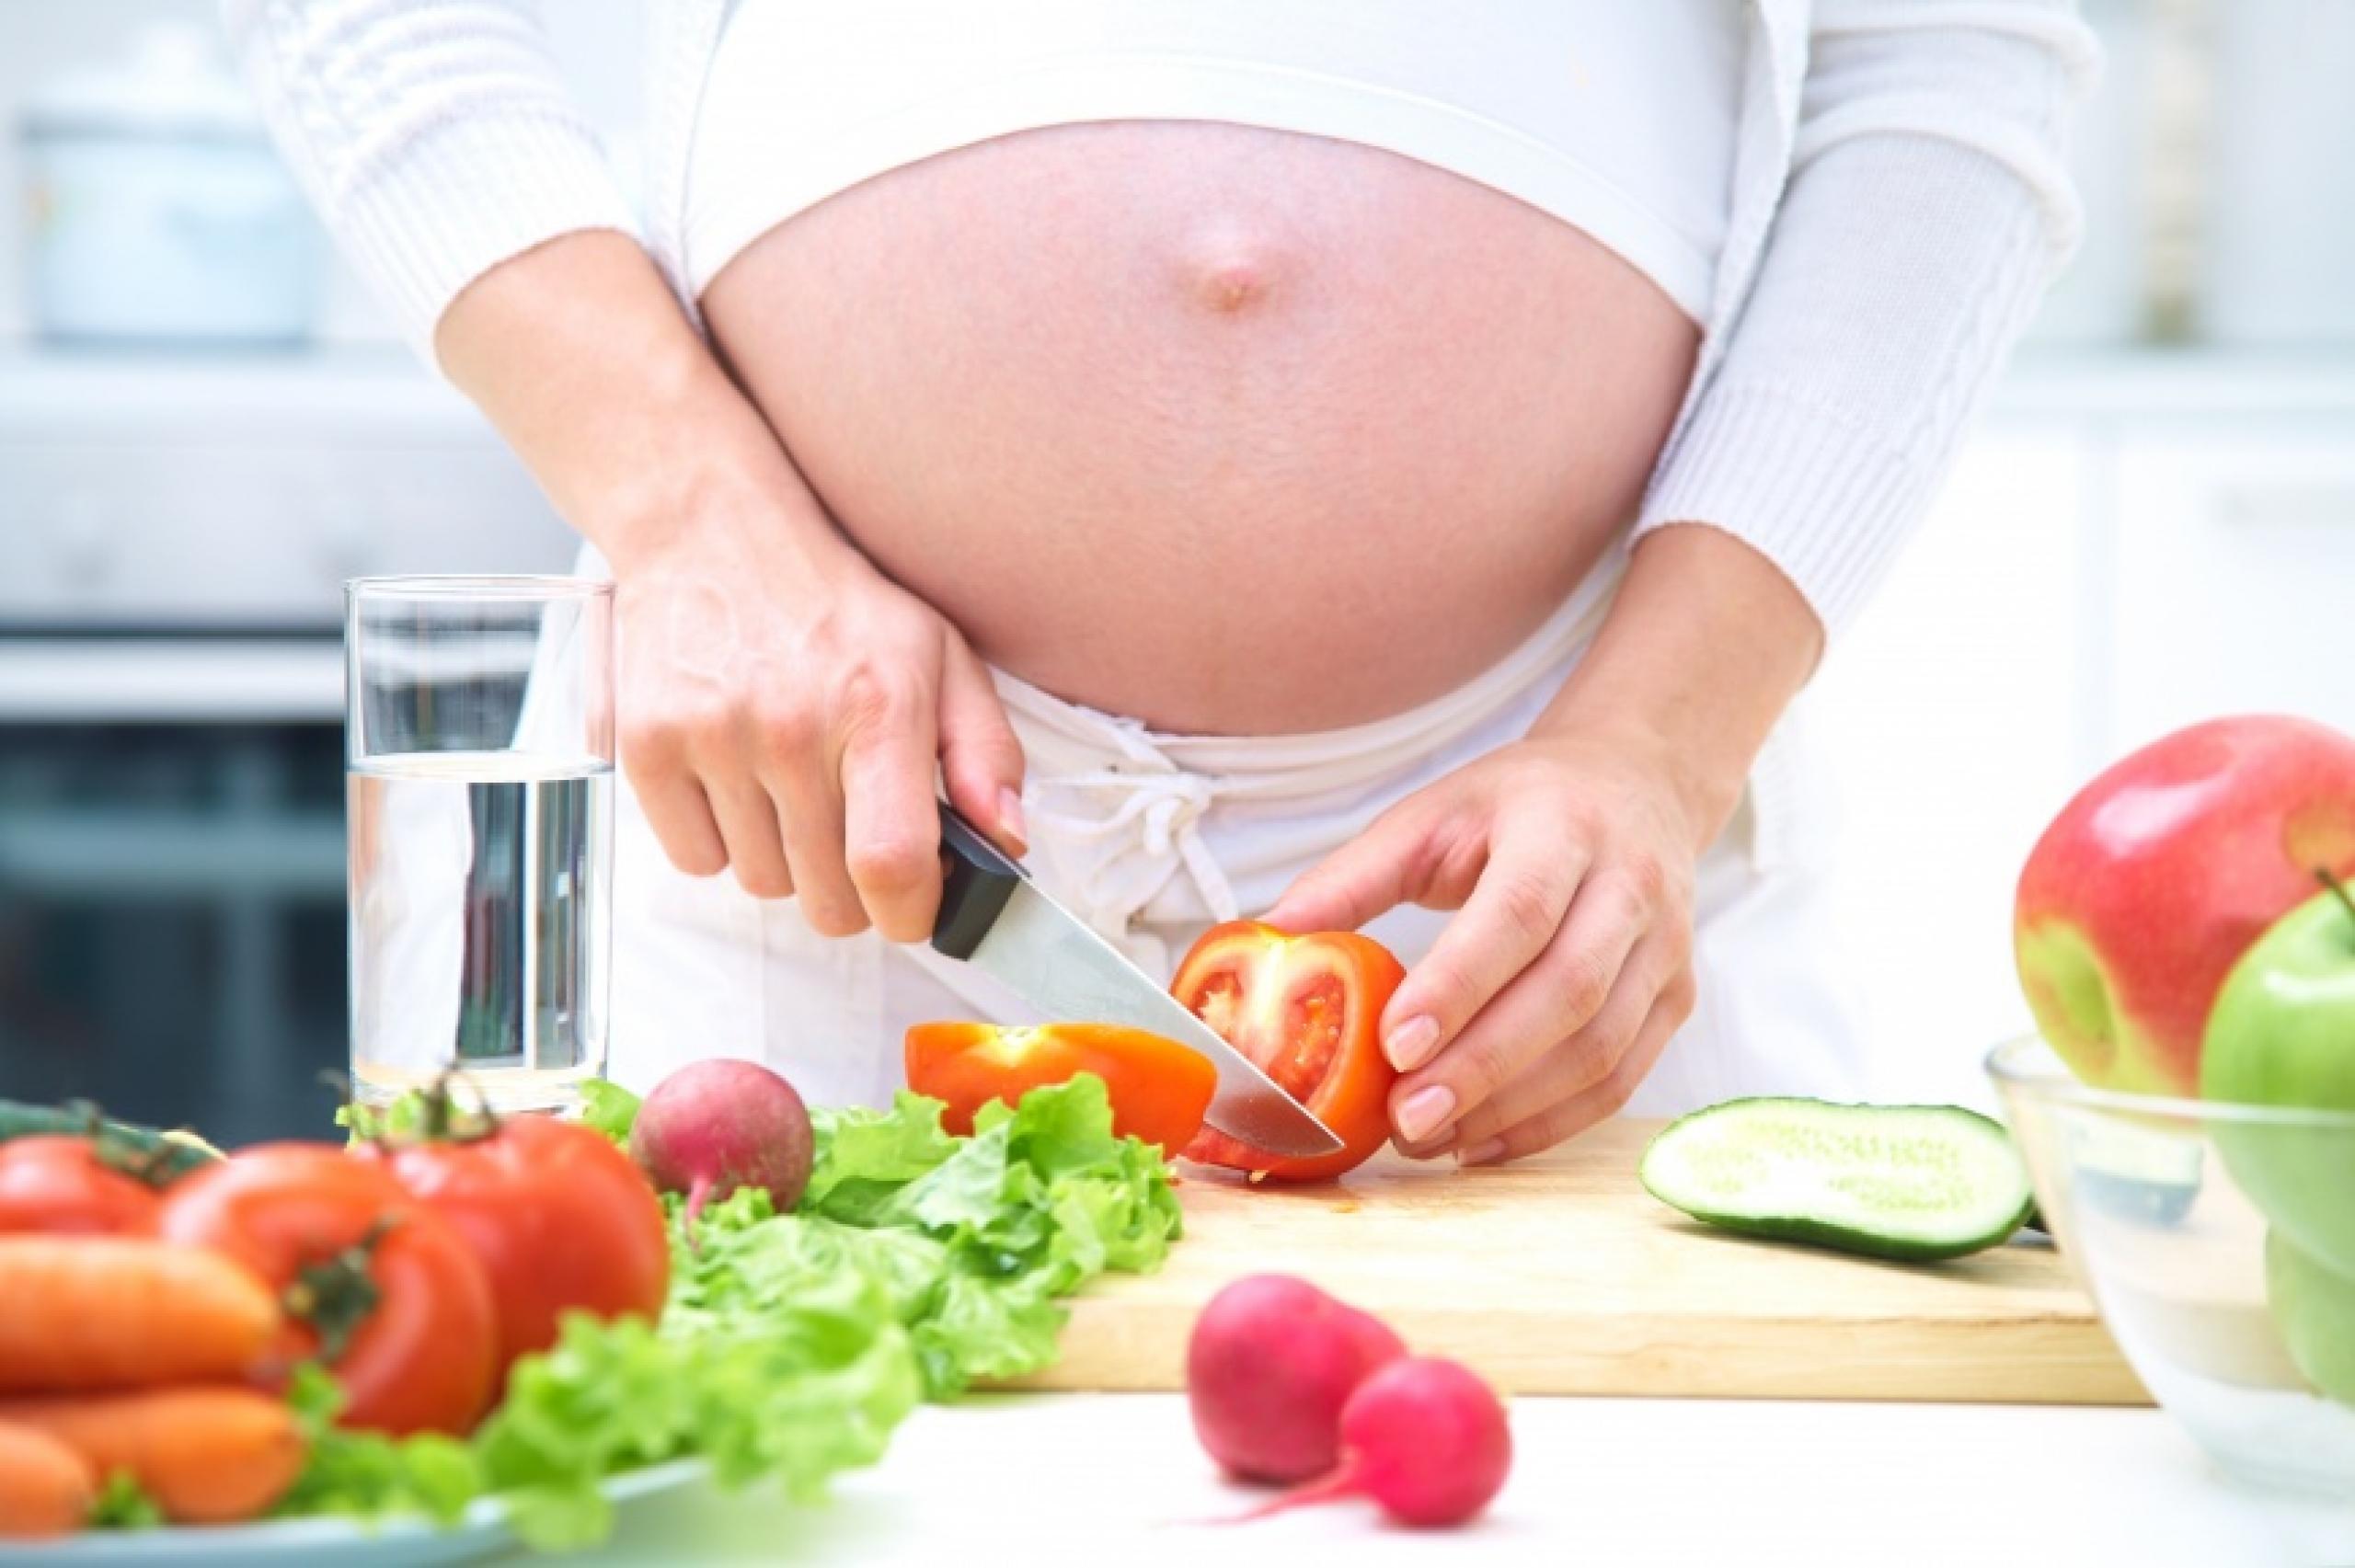 Как правильно питаться во время беременности чтобы не поправиться